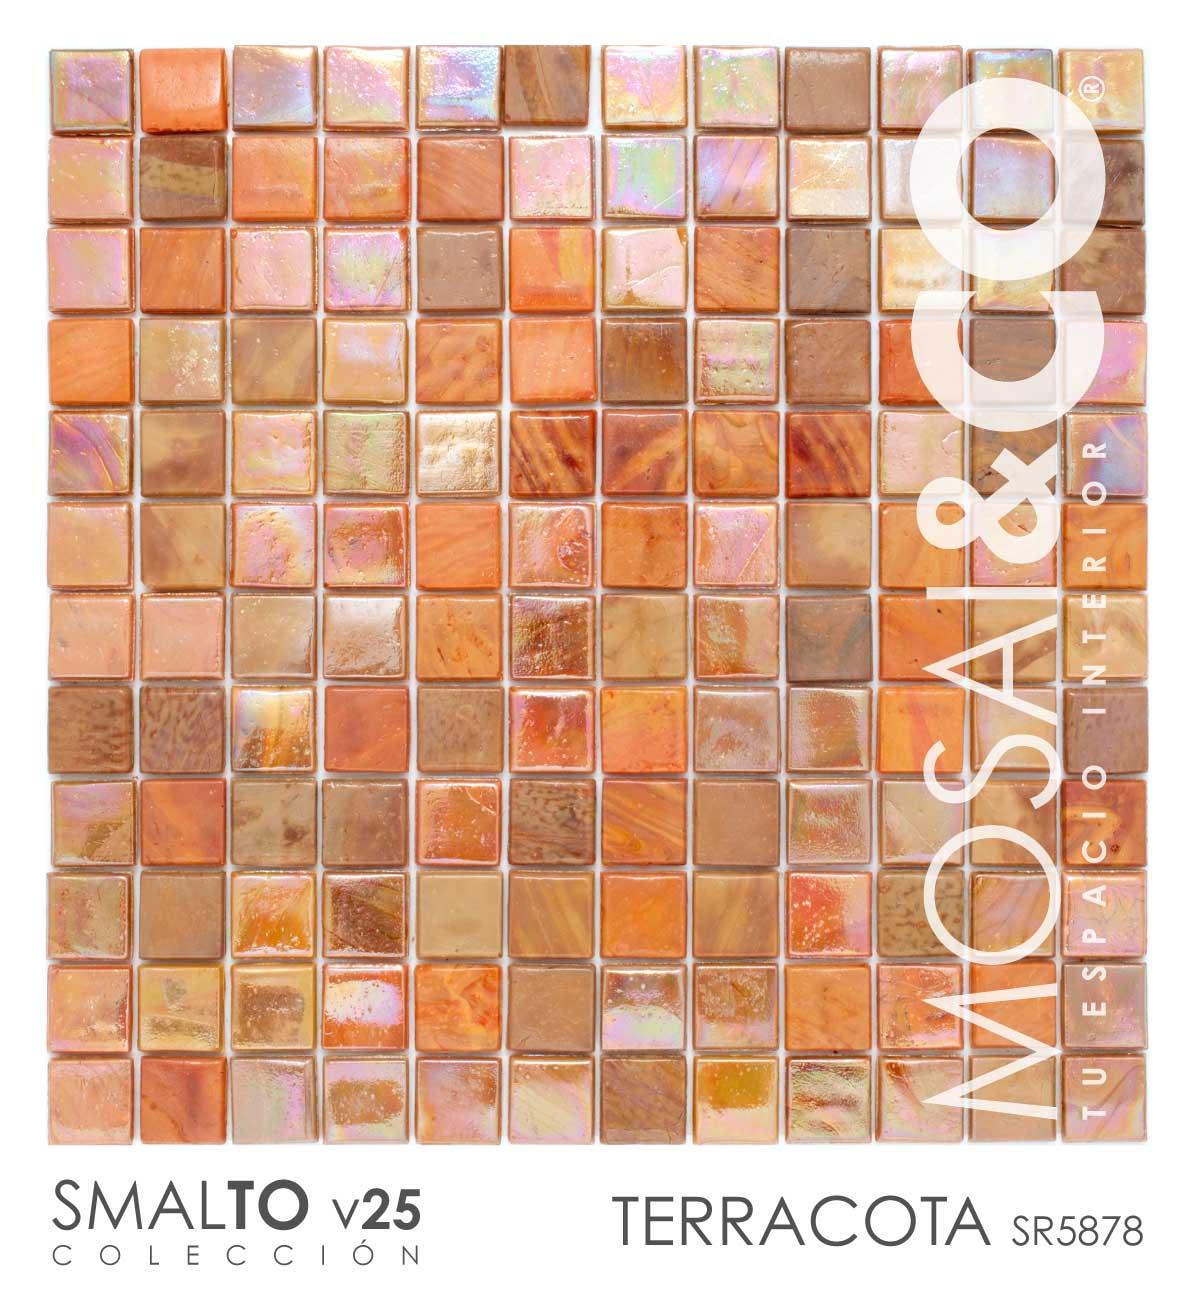 mosaico-interiores-mosaiandco-smalto-v25-terracota-sr5878